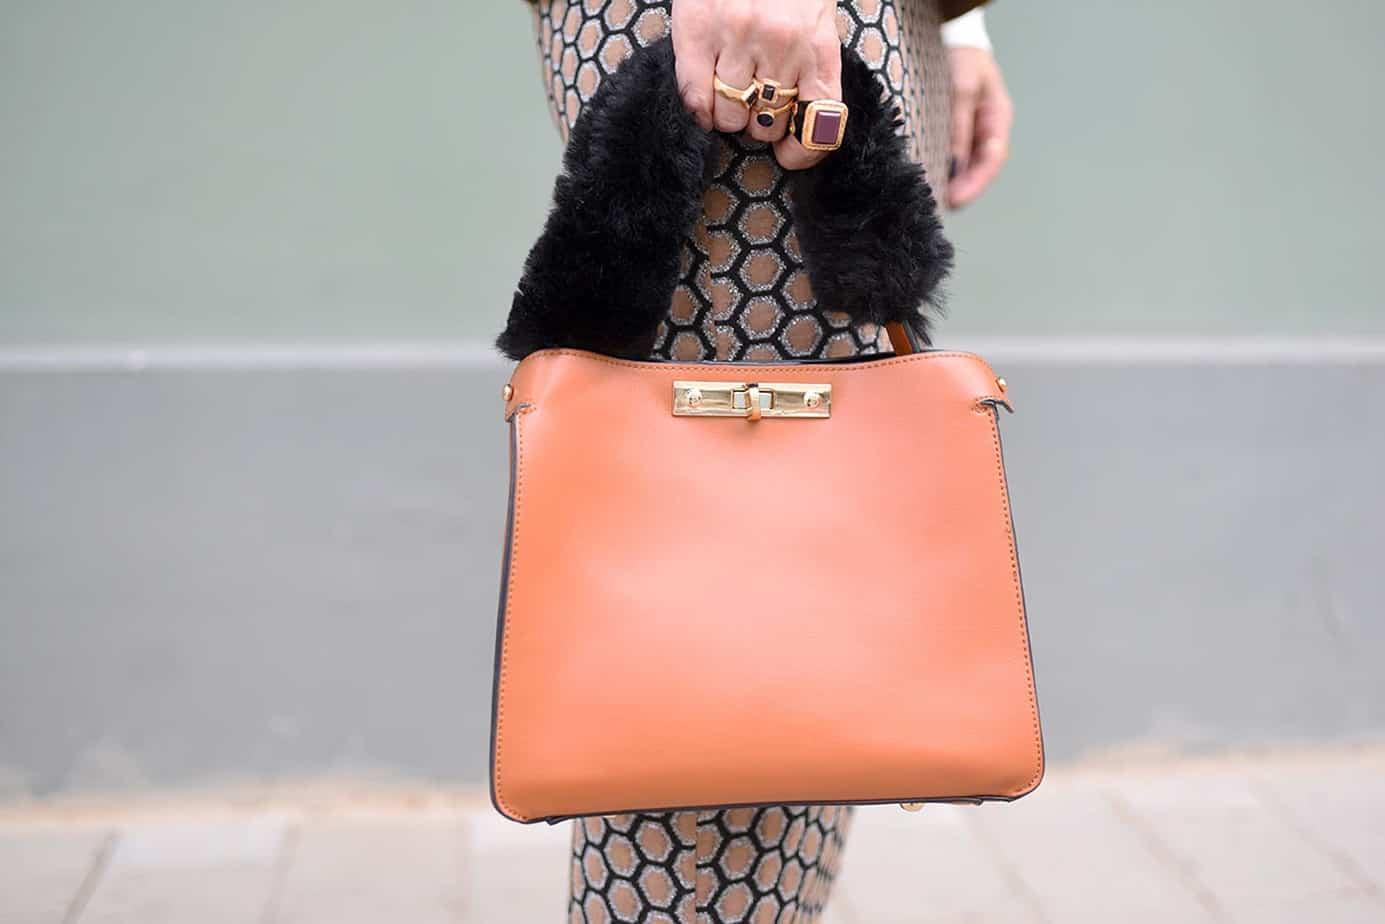 חליפה H&M, מגפיים וצעיף: זארה | גולף: מנגו | תיק: לילך אלגרבלי | משקפי שמש:private vintage collection. אורנה חיות. צילום: לימור יערי -4